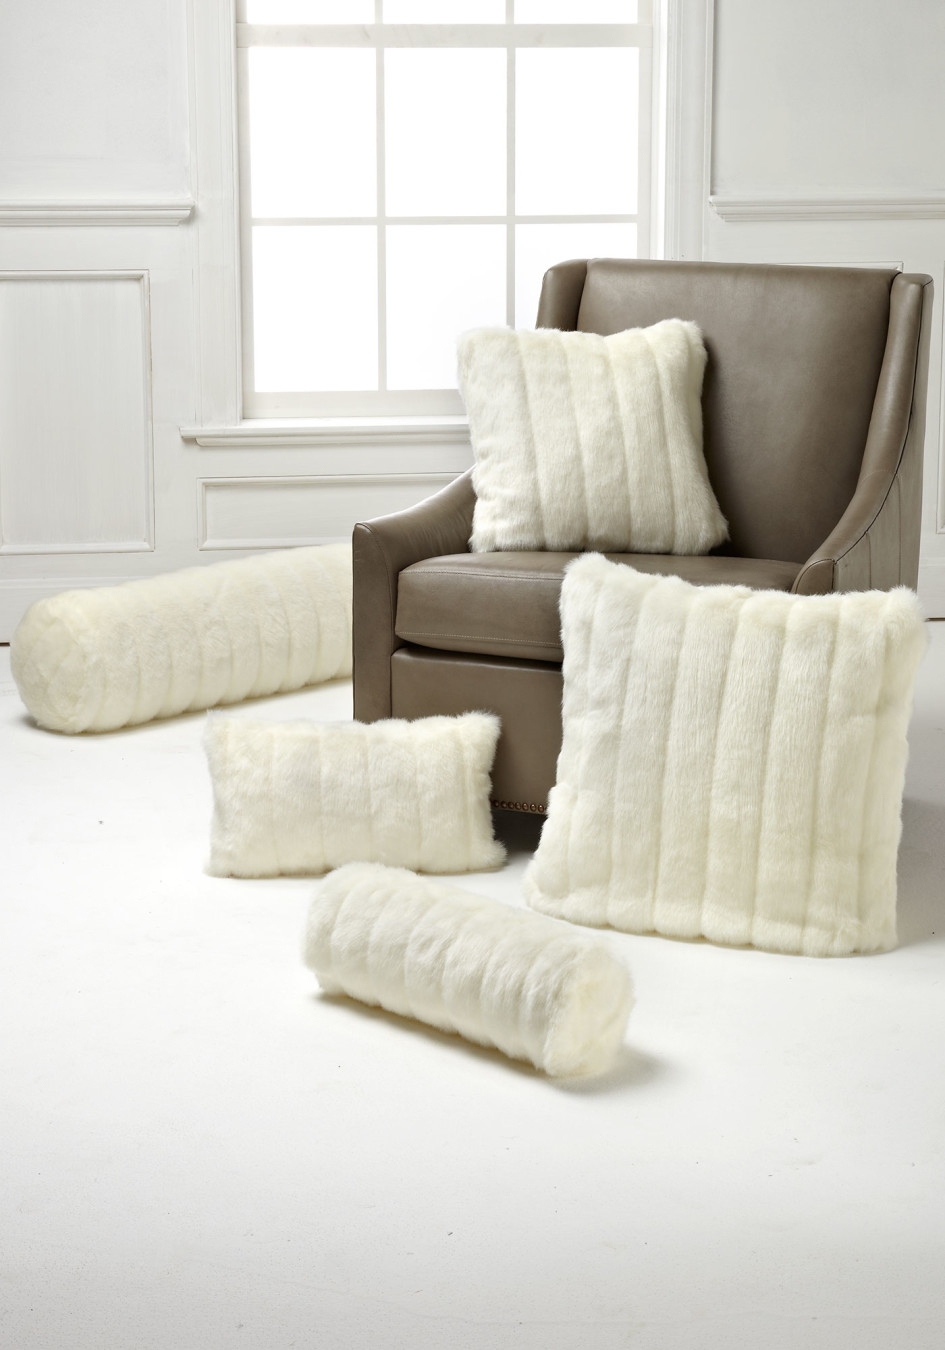 fake fur pillows stripes efutro.pl blog